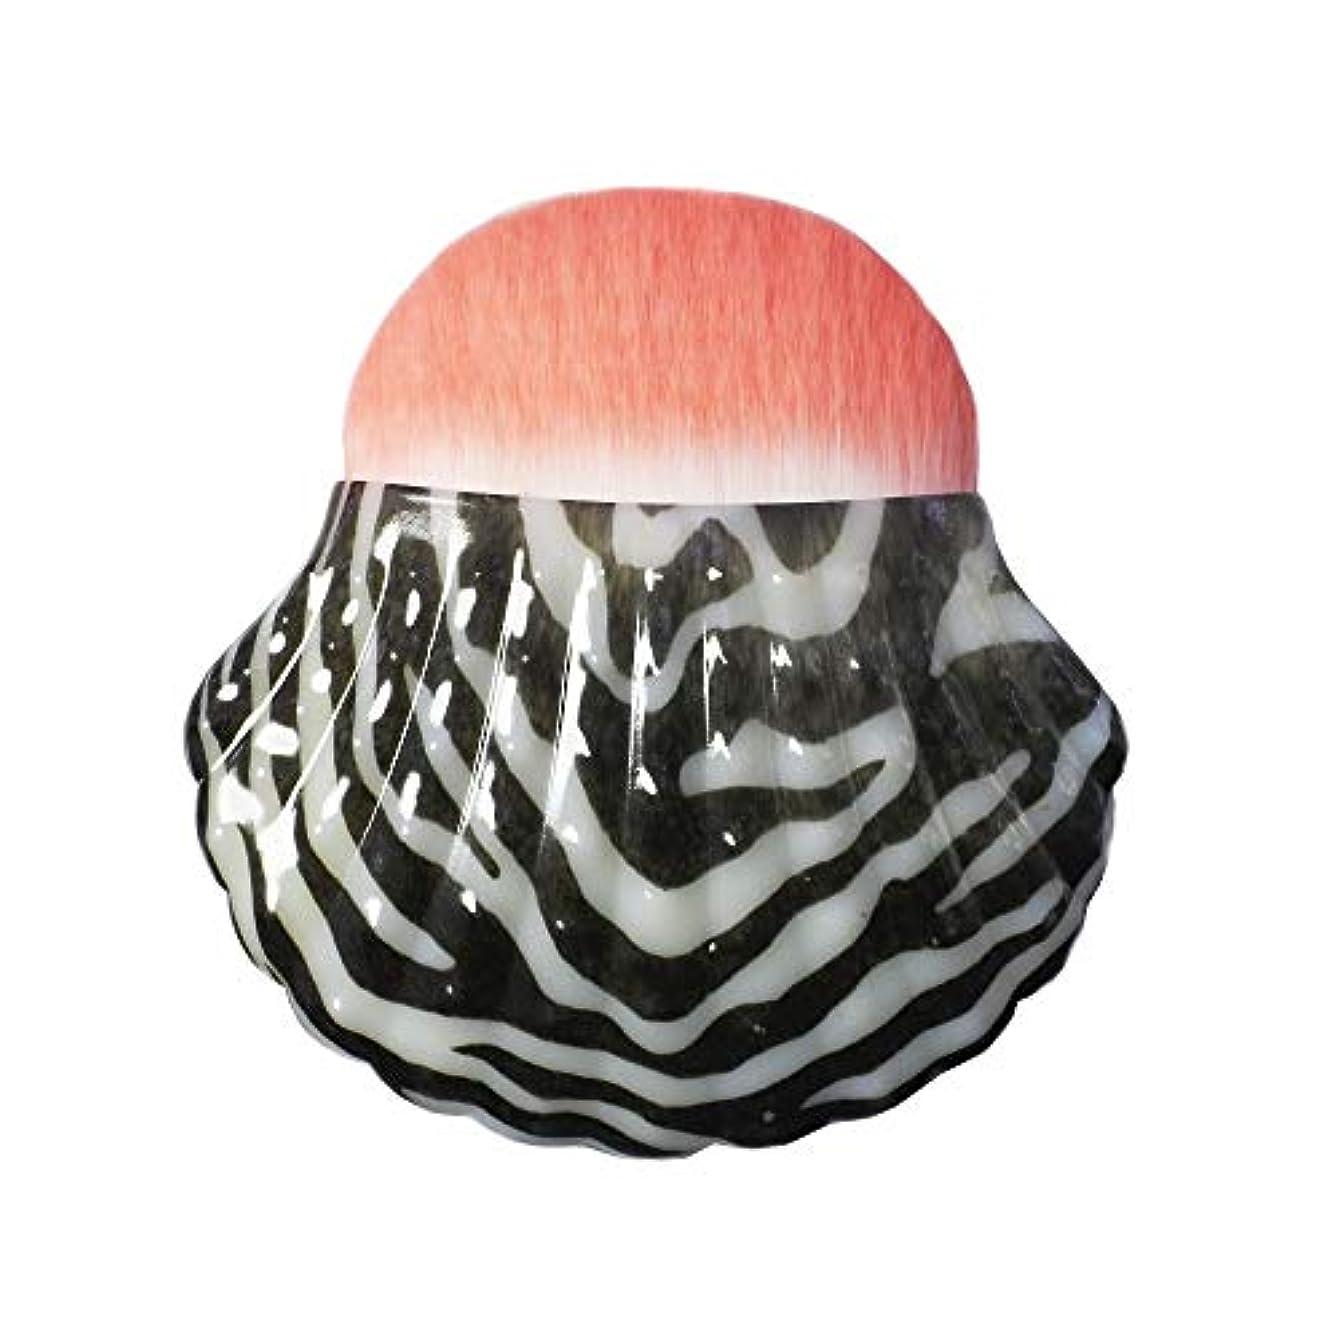 問題レール破壊的Makeup brushes 黒と白のパターン、個々のシェルタイプブラッシュブラシ美容メイクブラシツールポータブル多機能メイクブラシ suits (Color : Leopard)